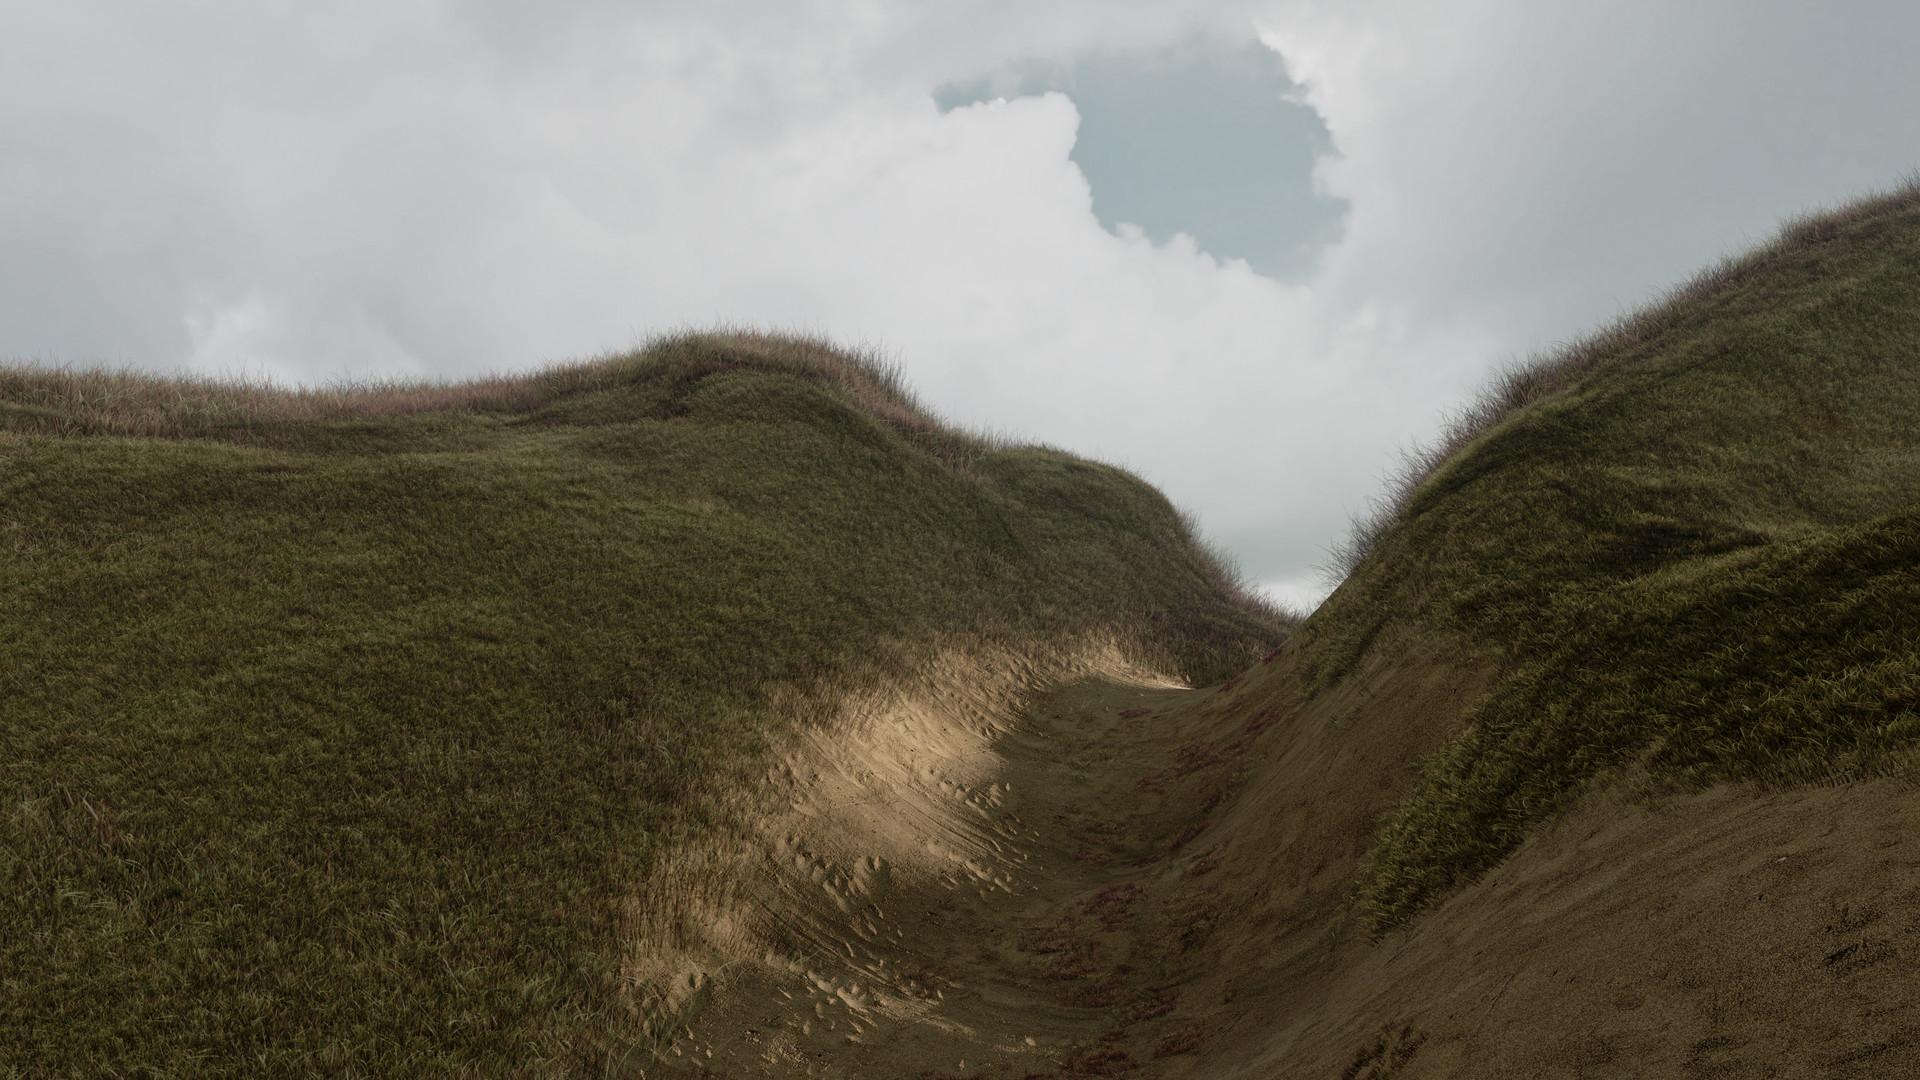 eoin-o-broin-dunes4k